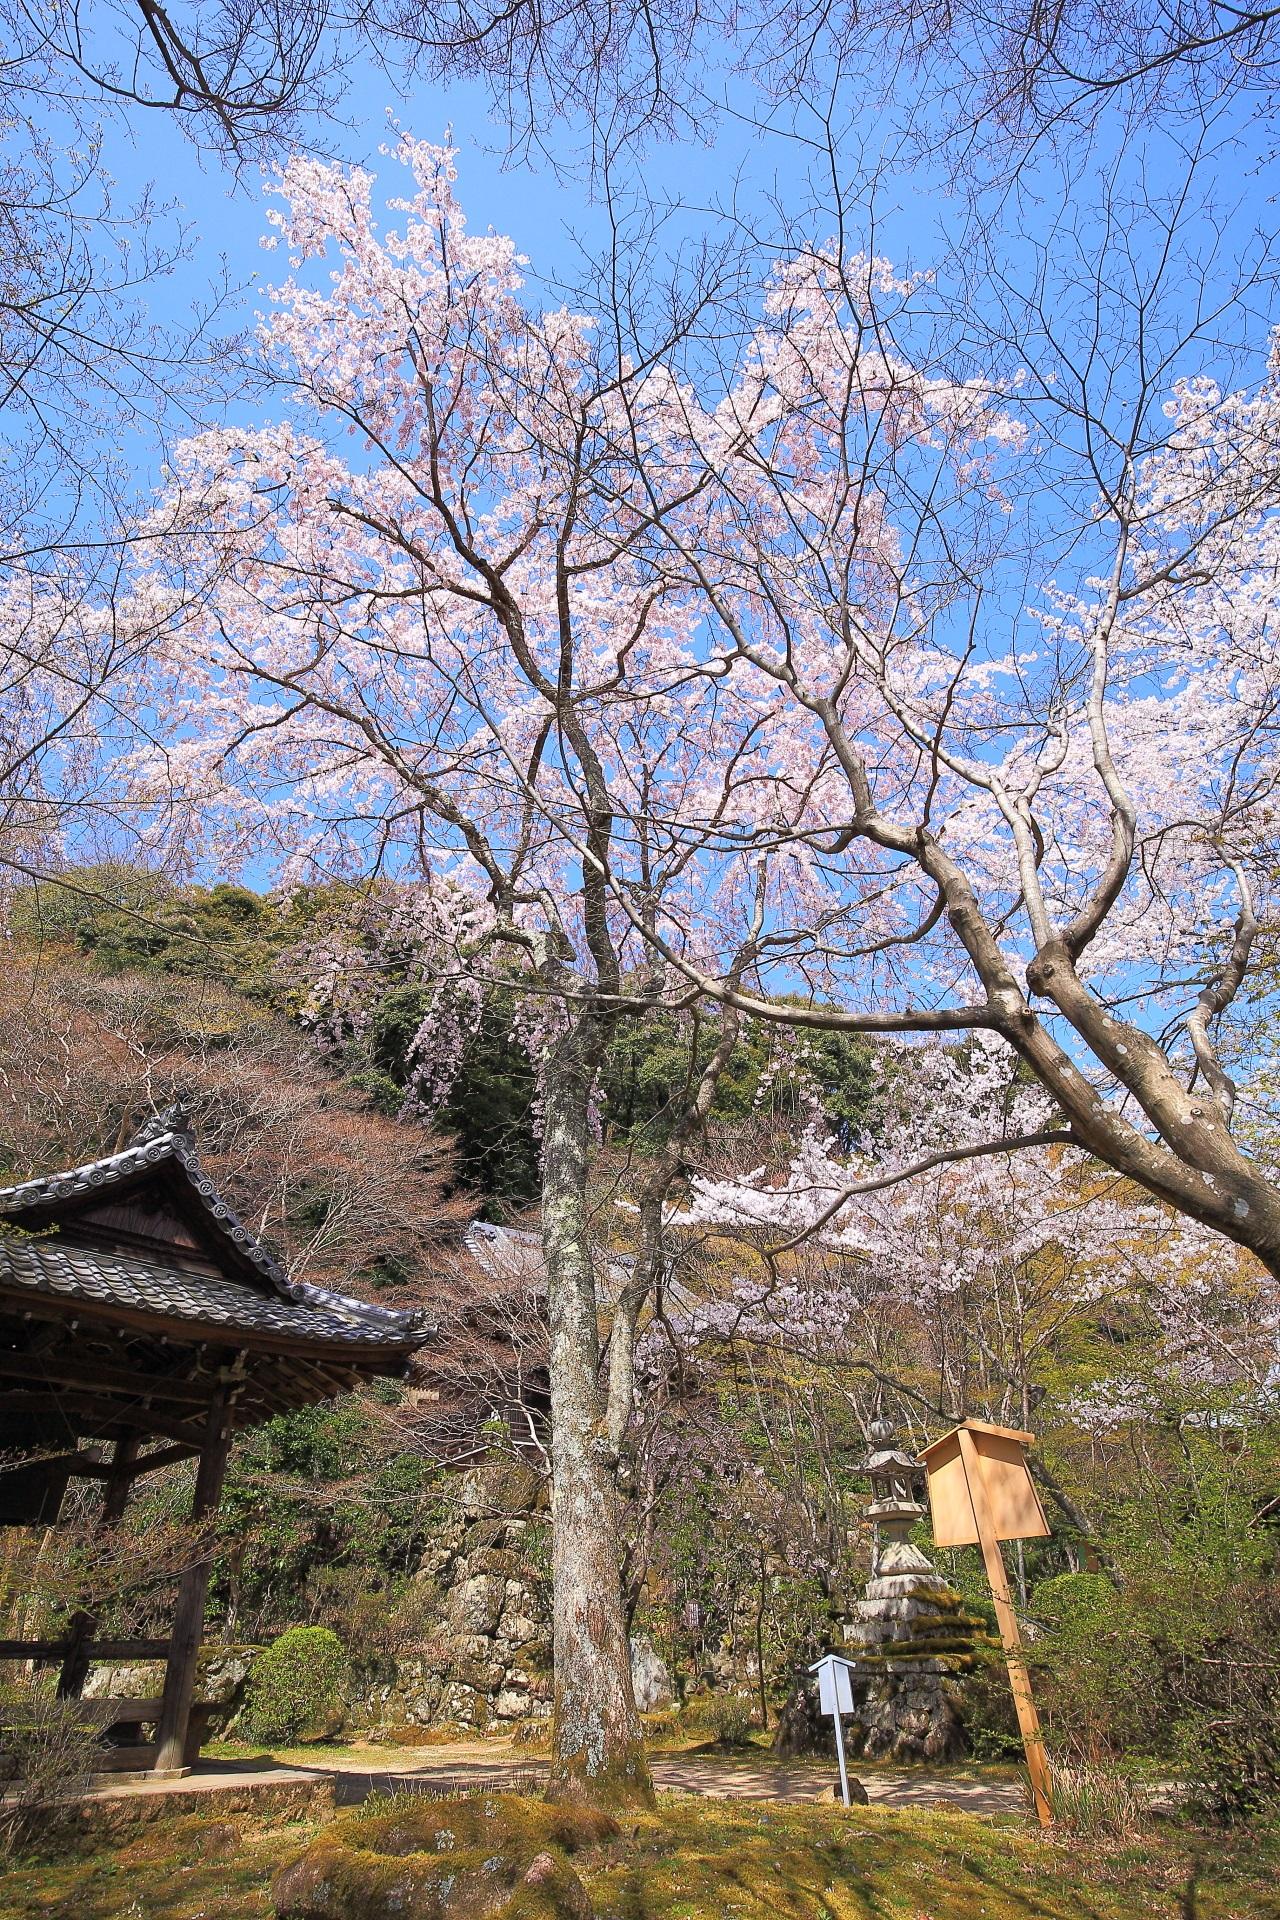 鐘楼と境内を彩る満開の西行桜